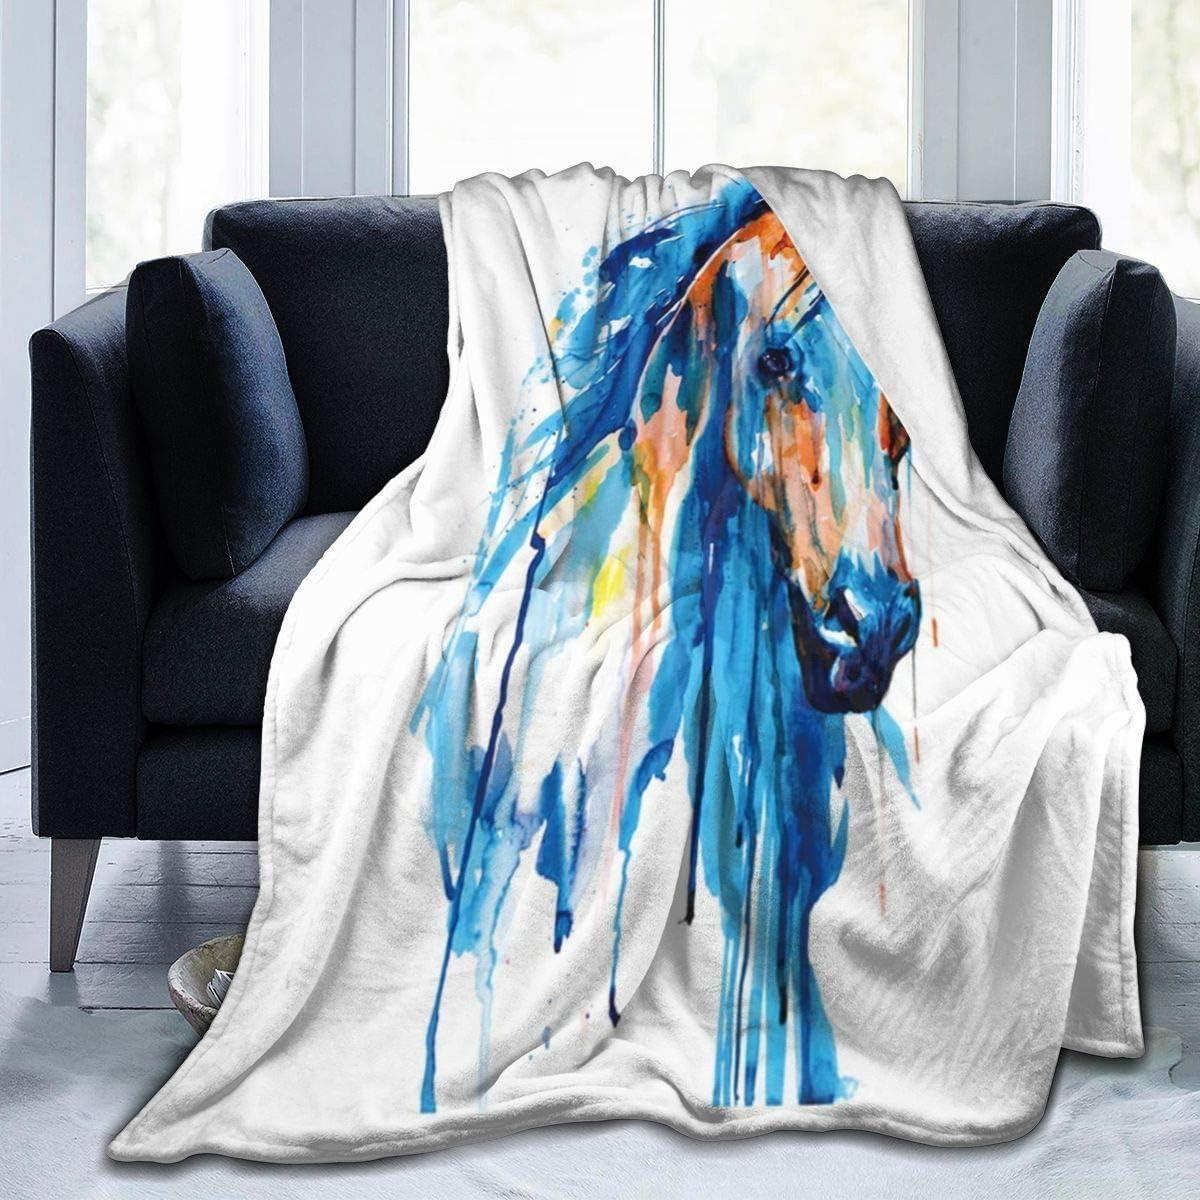 Blanket Manta De Tiro con Pintura De Caballo Azul, Manta De Lana, Cómoda, Cálida, Ligera, Súper Suave, Cama 102X127Cm para Dormitorio, Sala De Estar, Todas Las Estaciones